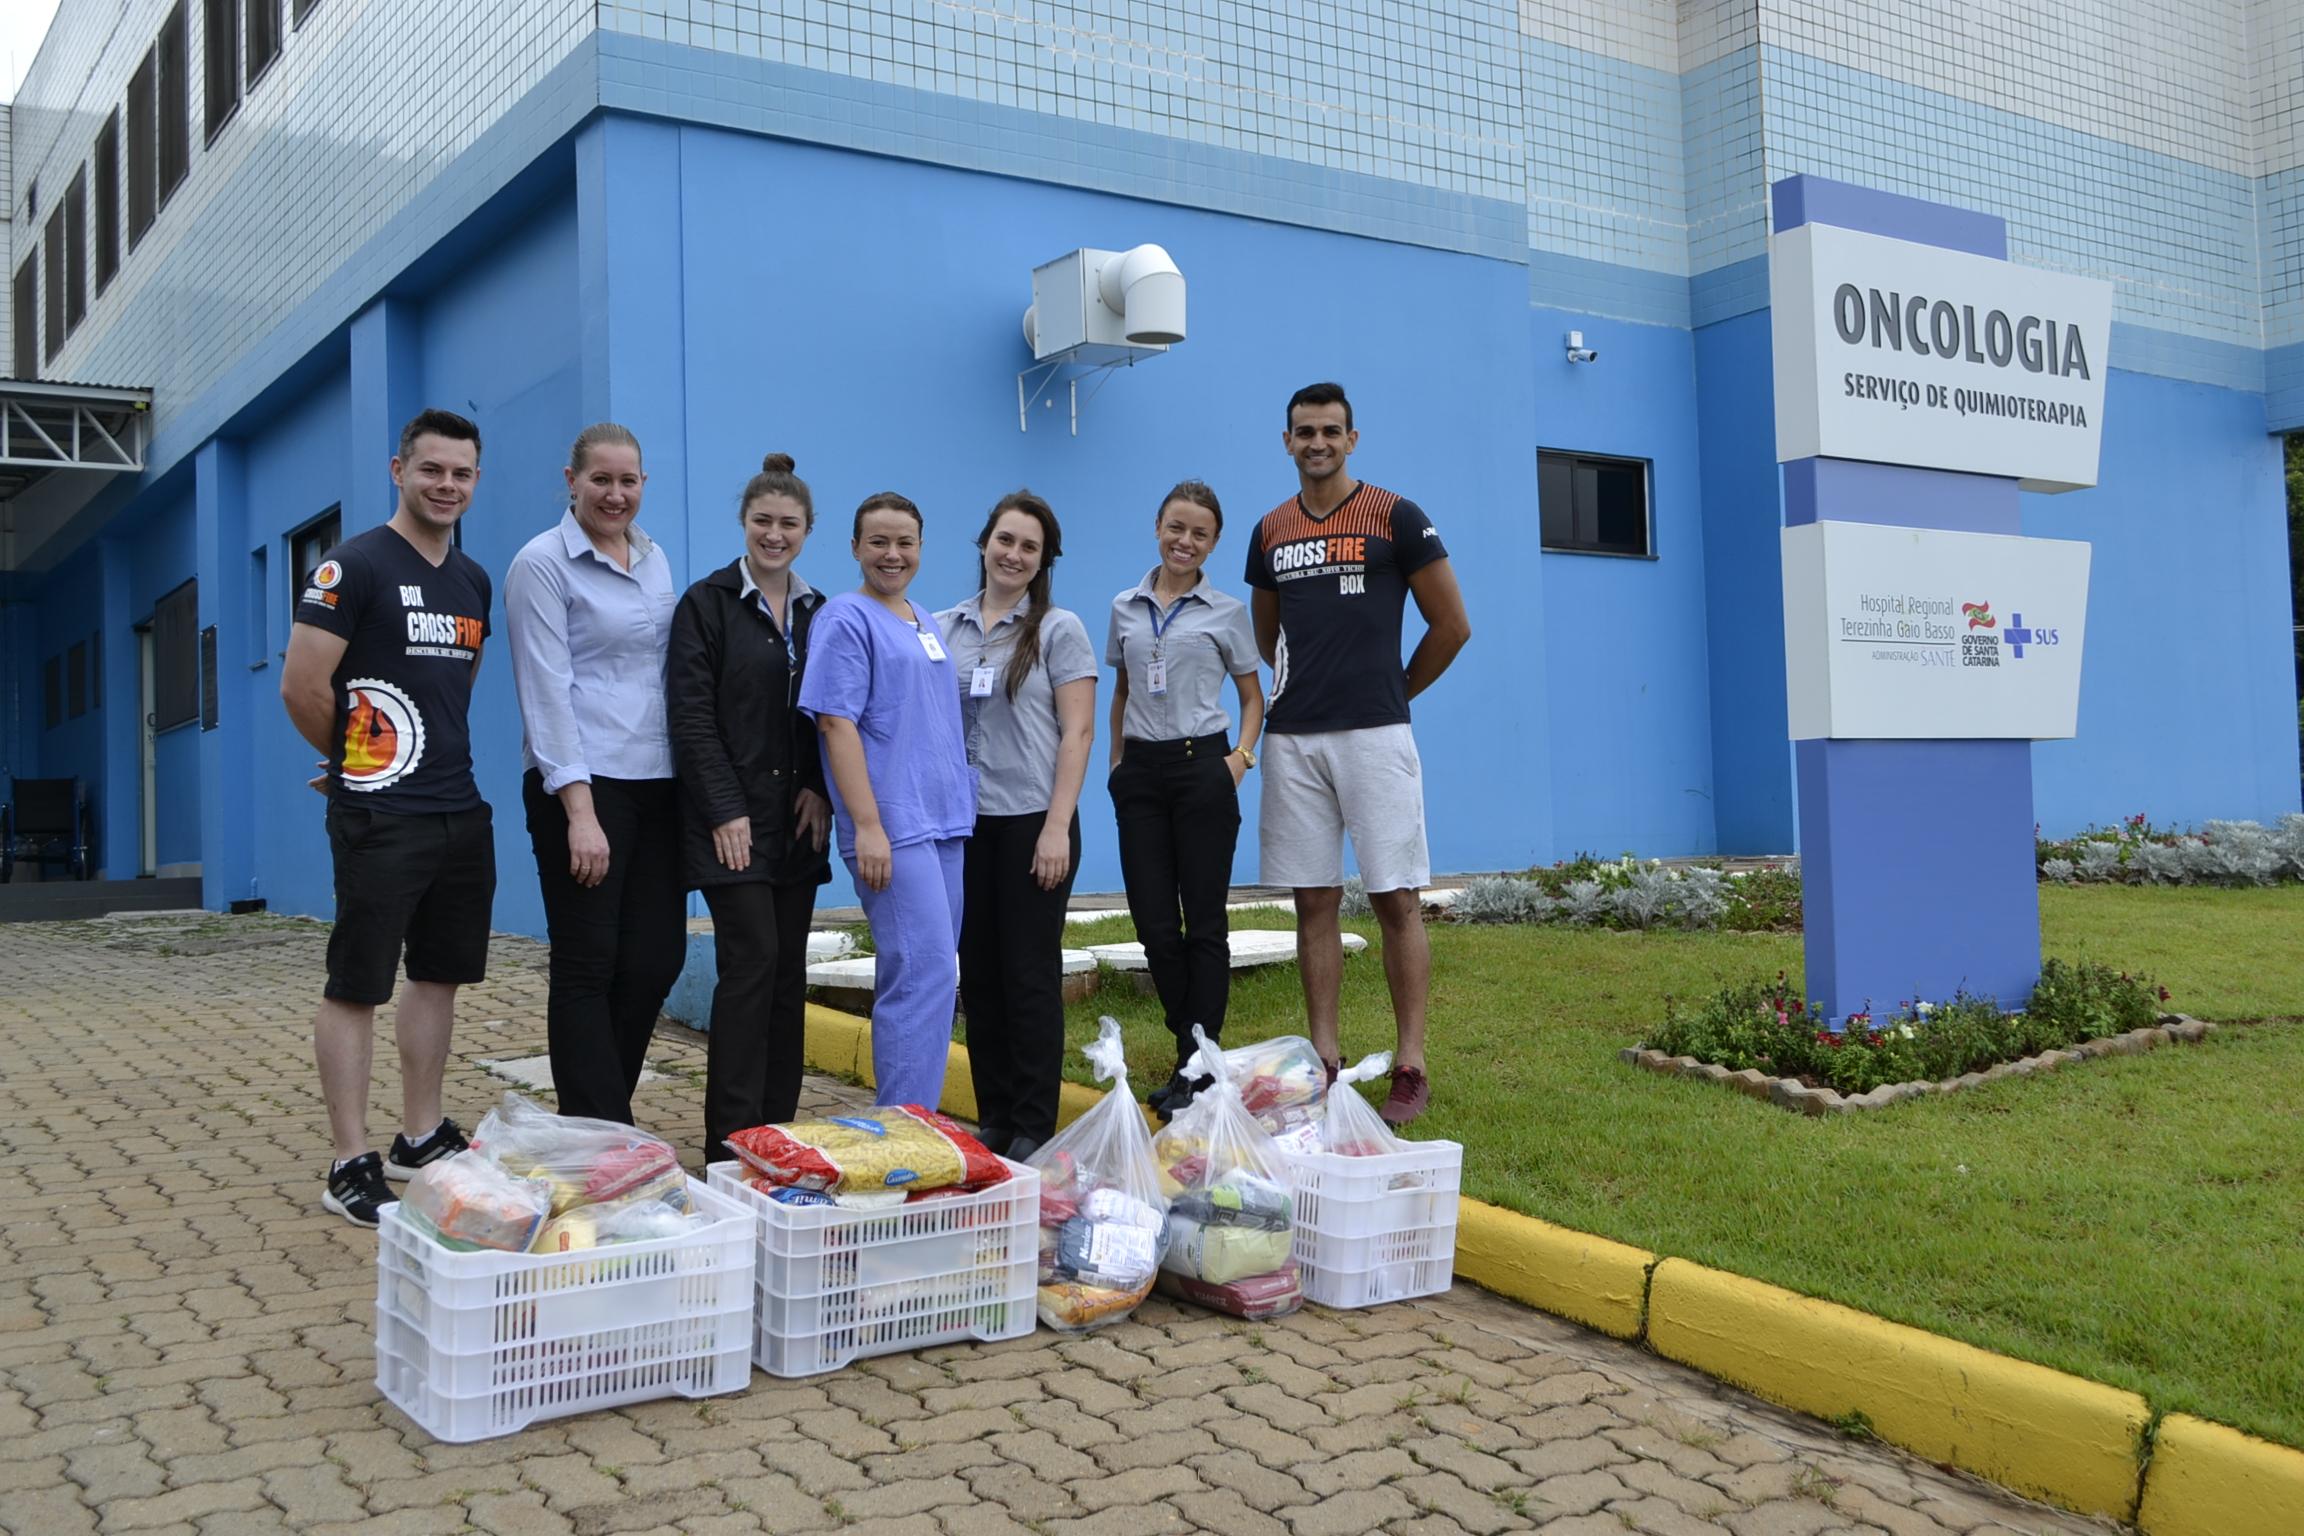 Oncologia recebe doações de campanha do Novembro Azul